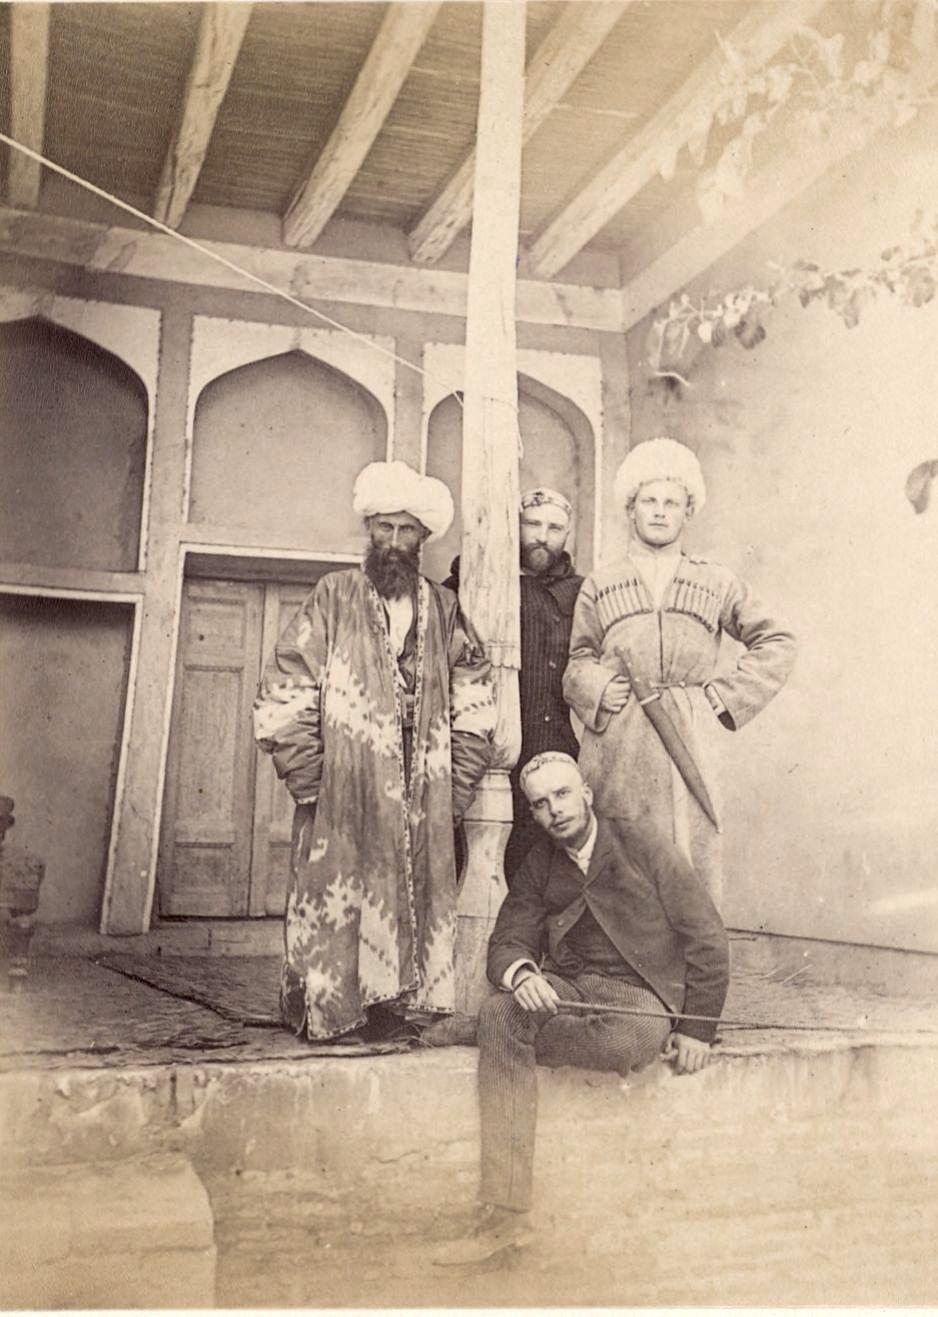 Чарджуй. Лорин, Столыпин (секретарь генерала Анненкова), Рубинштейн (секретарь генерала Анненкова) и Миракур, прикрепленный к генералу Анненкову правительством Бухары